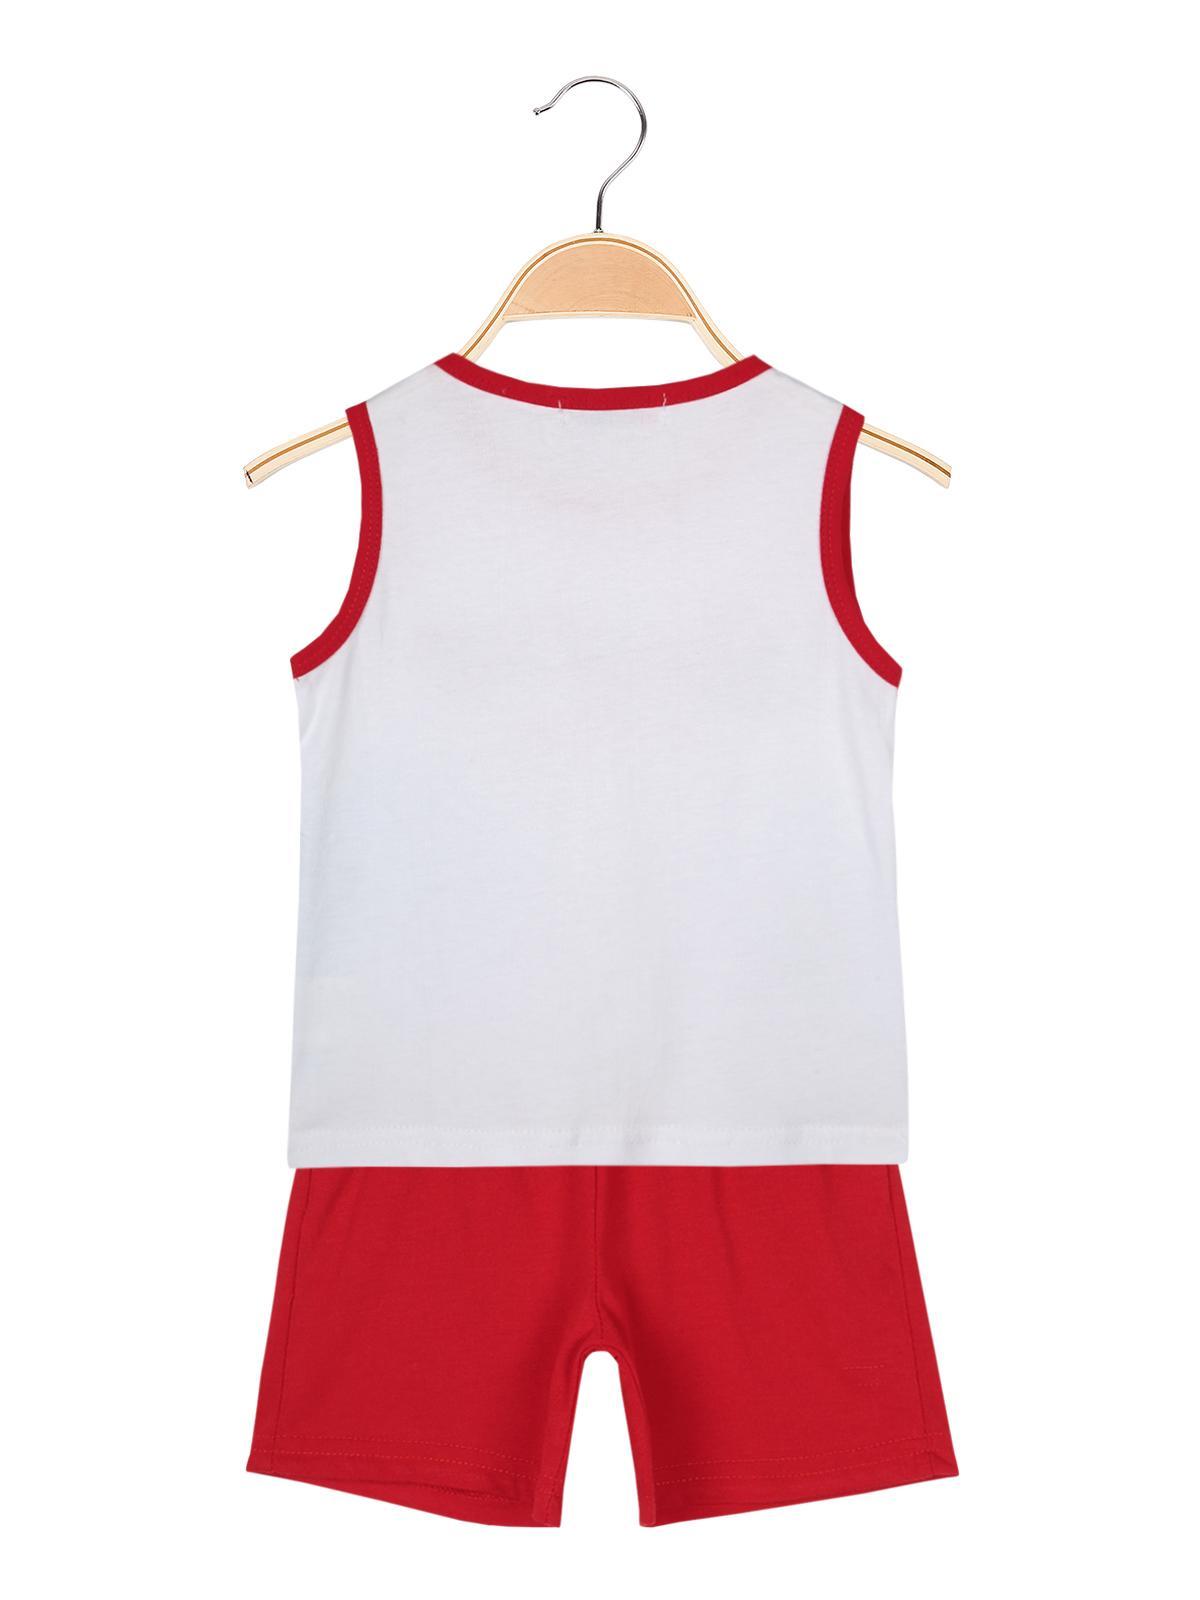 pantaloni adidas ragazzo rossi